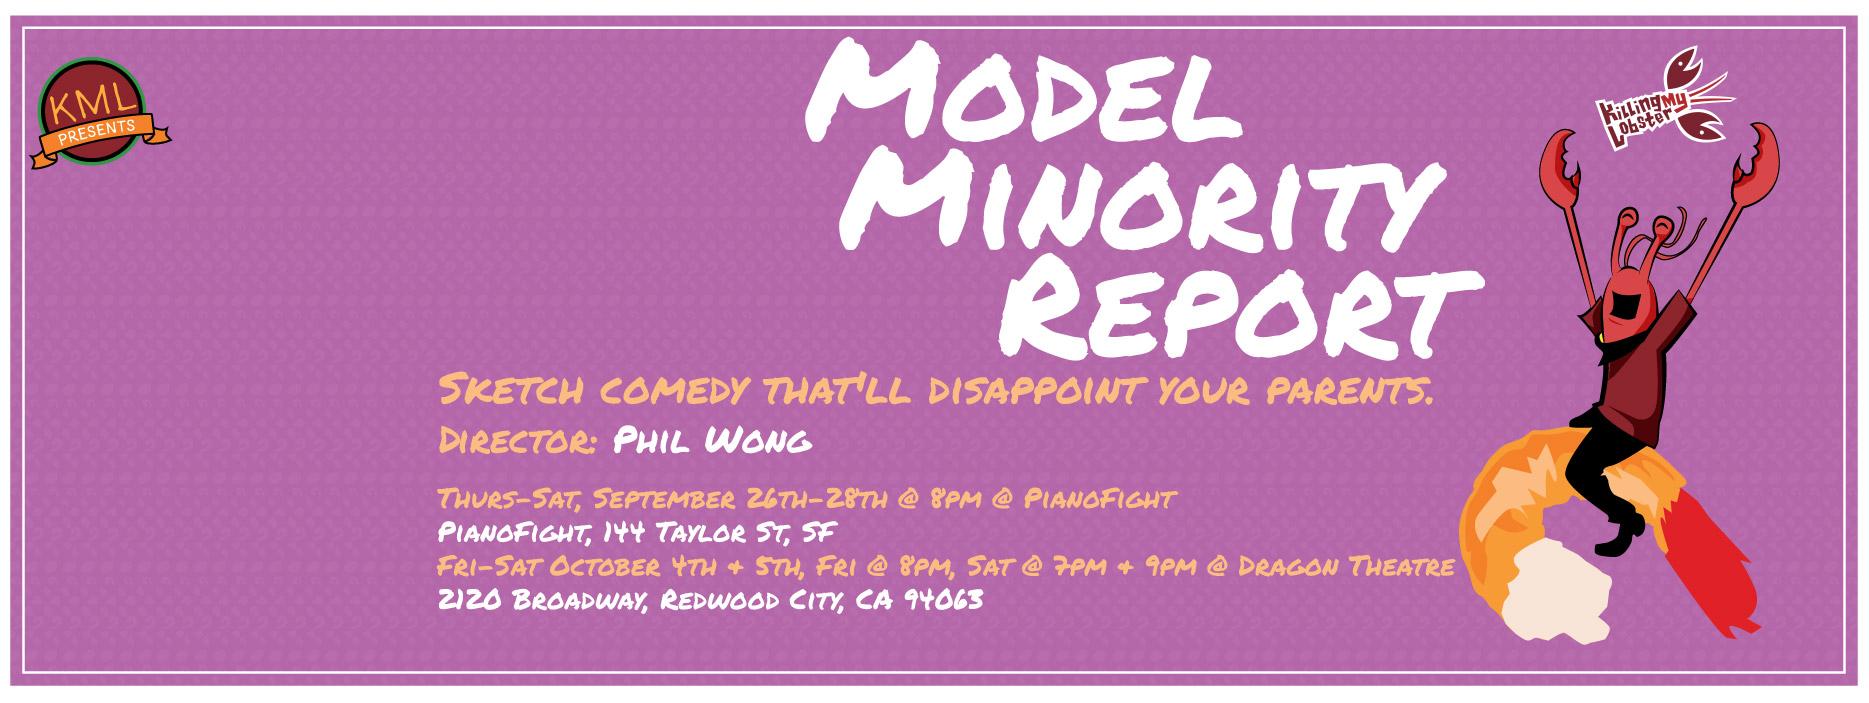 ModelMinorityReport-cover.jpg